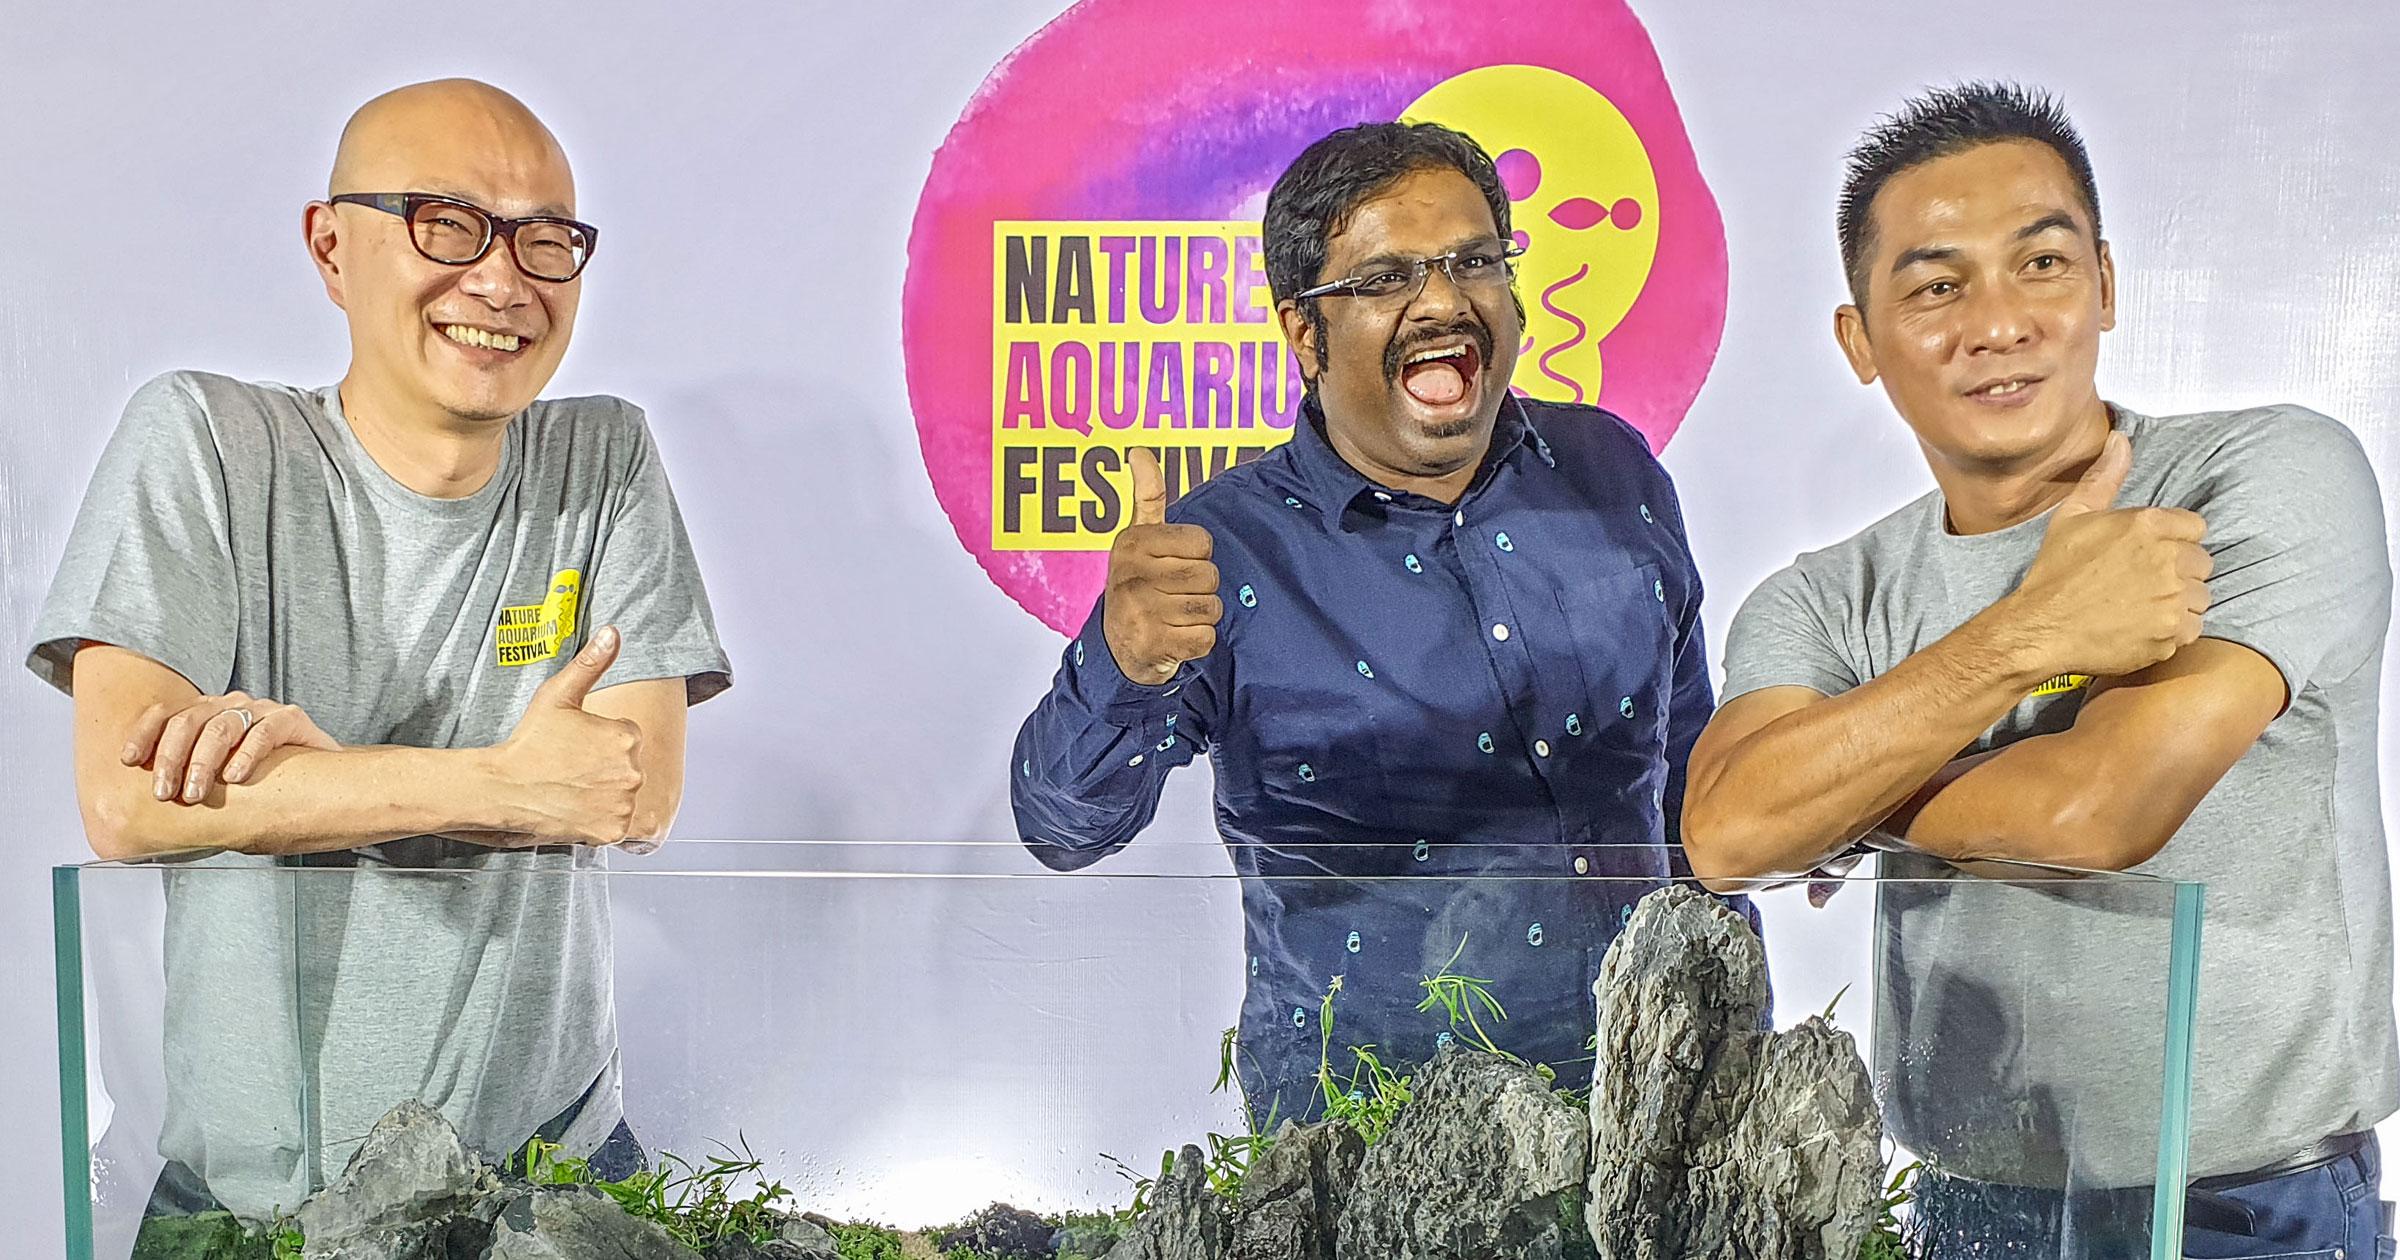 自然水景が織りなす芸術的表現の素晴らしさを共有する場 – ネイチャーアクアリウムフェスティバル開催